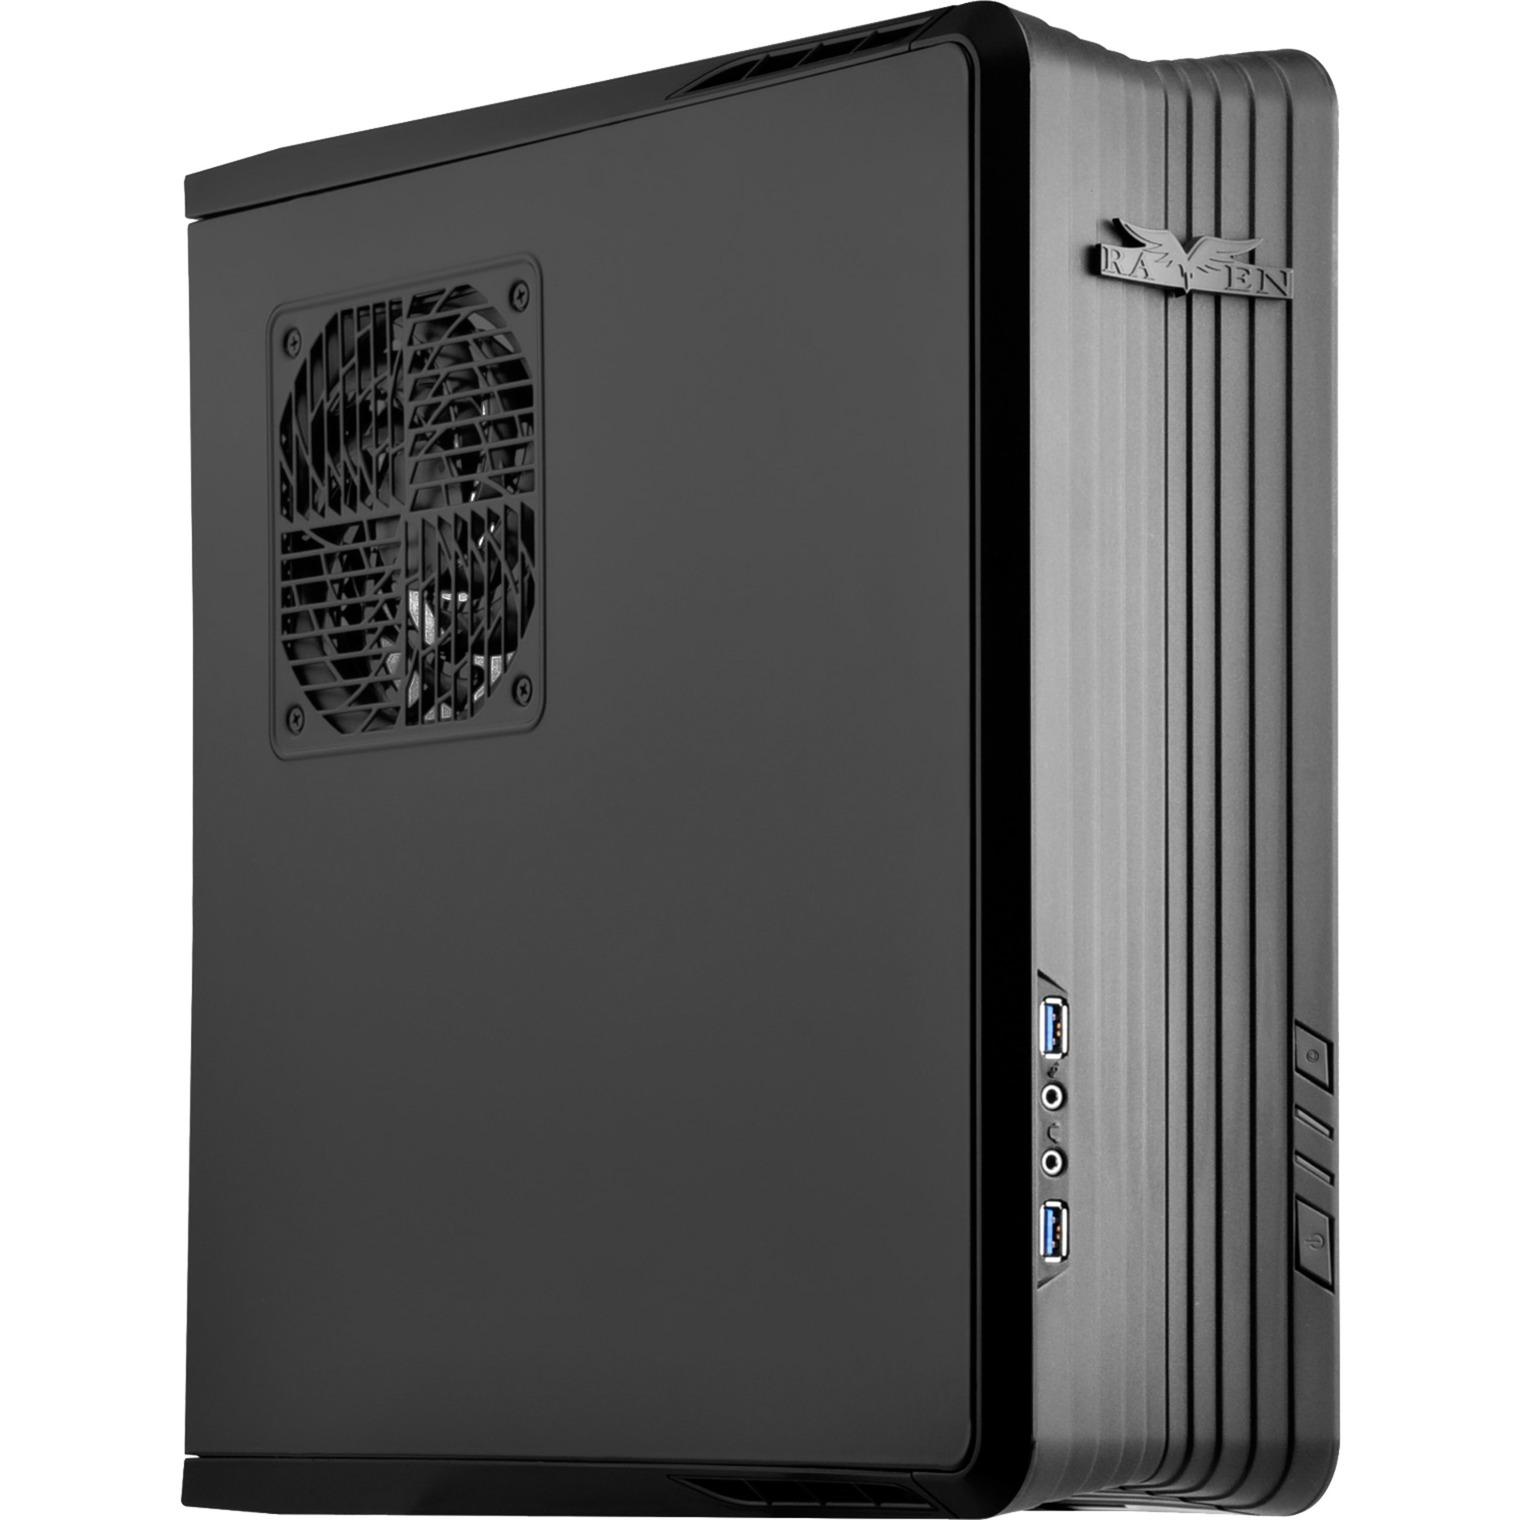 raven-lavprofil-slimline-sort-afskarmning-og-stativ-til-computer-desktop-boliger